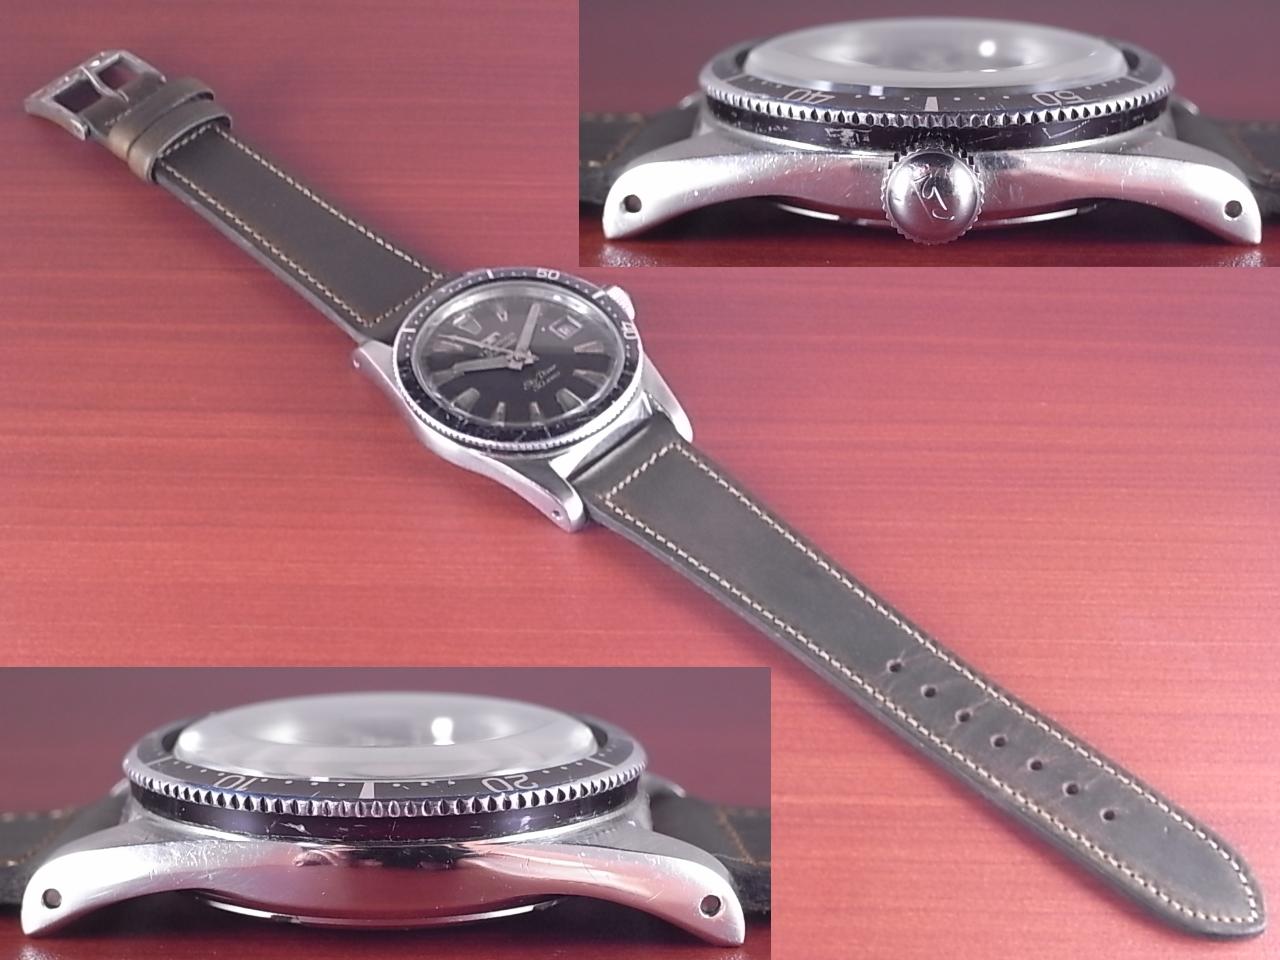 テクノス スカイダイバー 30JEWEL 尾錠・BOX付 1960年代の写真3枚目